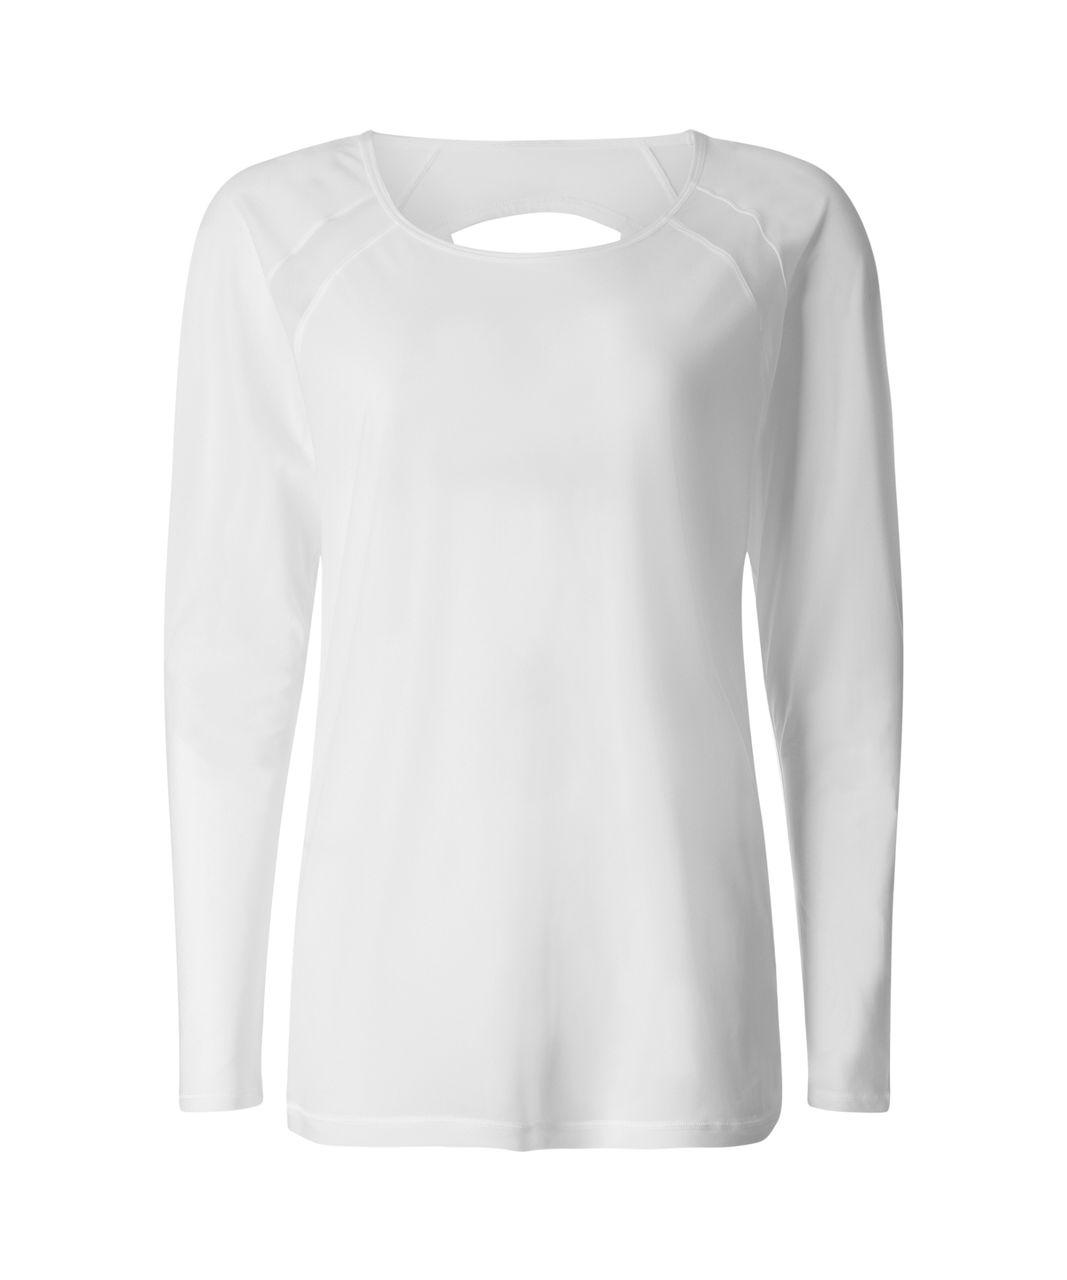 Lululemon If Youre Lucky Long Sleeve Tee II - White